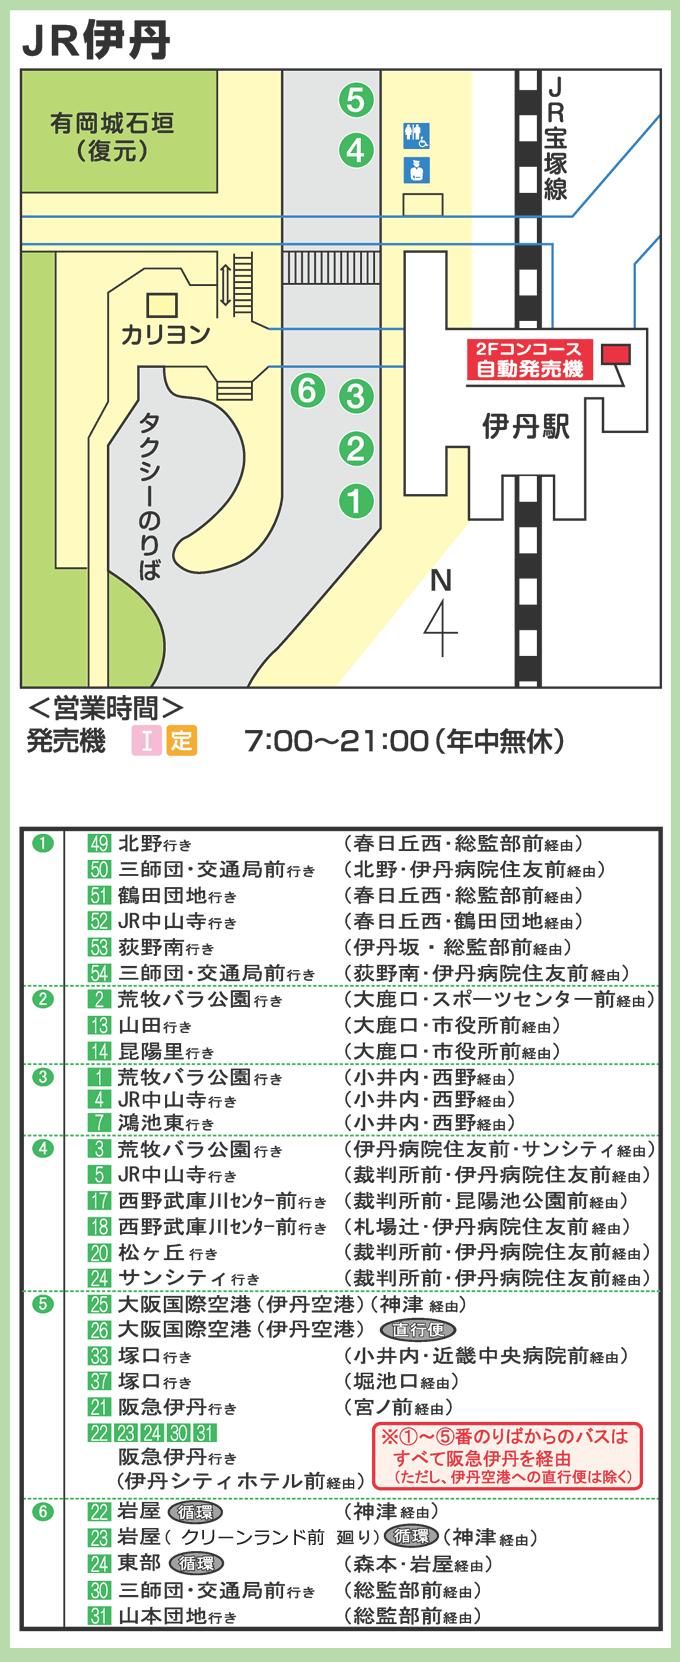 JR伊丹駅から伊丹市バス